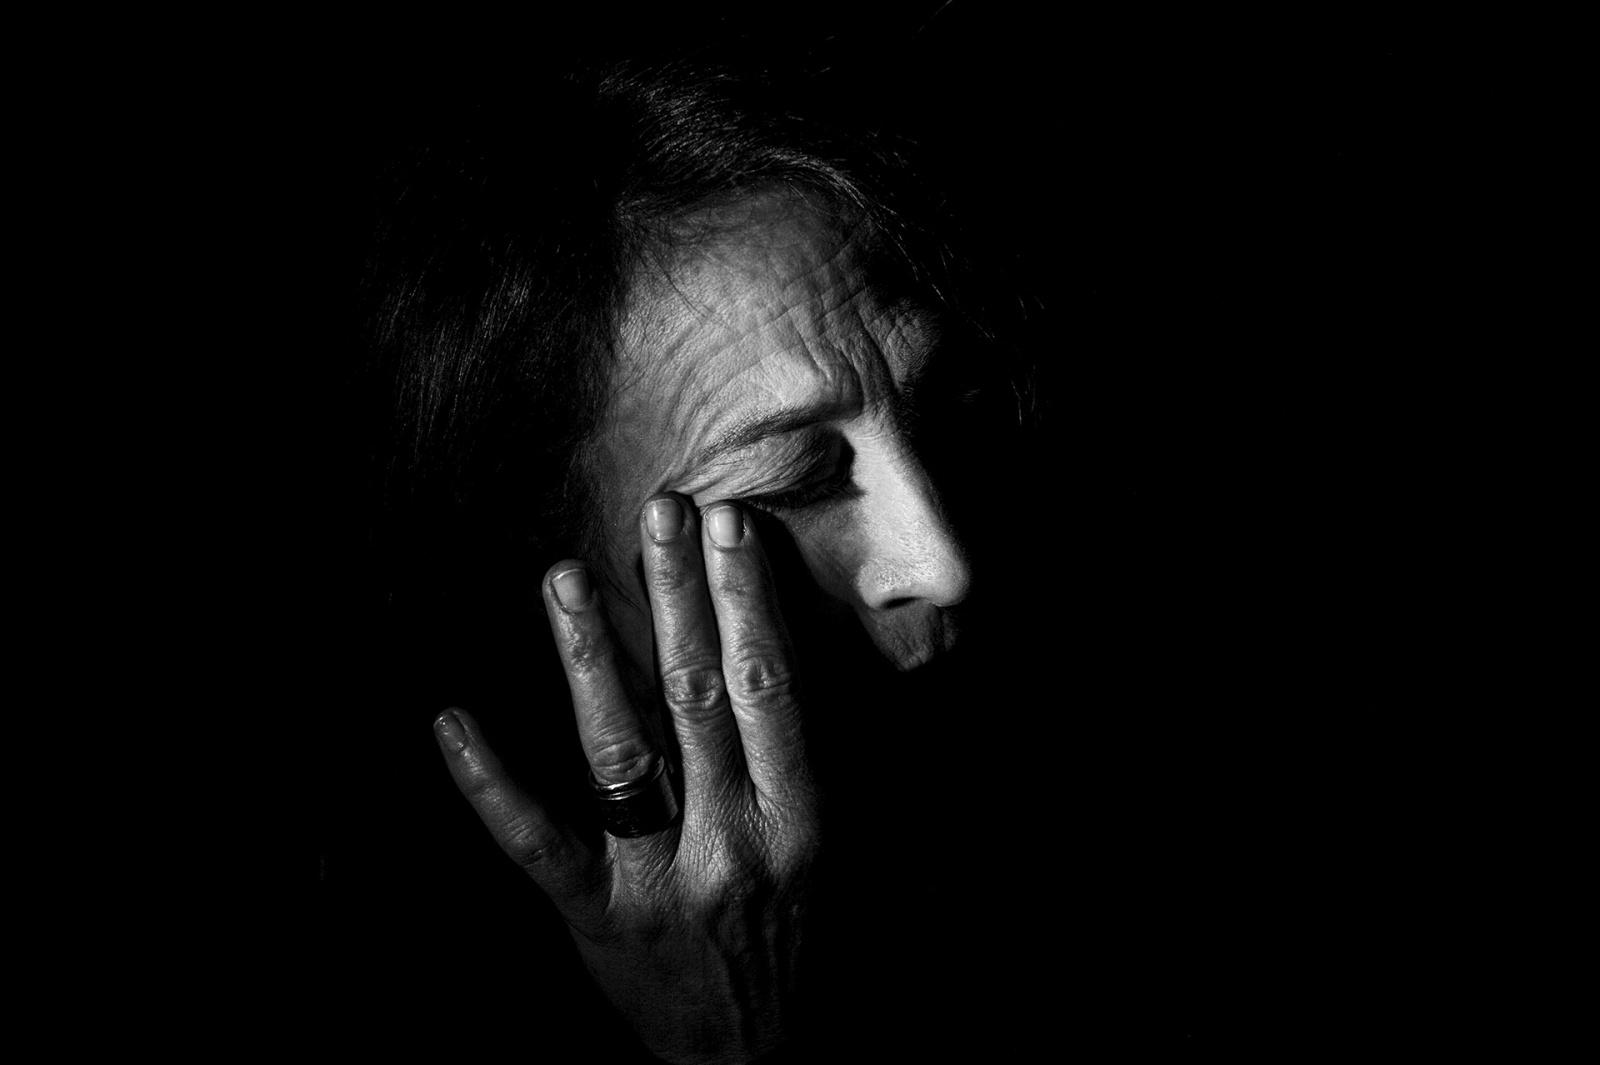 Pina Palma, 52 anni, si asciuga gli occhi, mentre parla di sua figlia Francesca, morta a 7 anni a causa di una leucemia linfoblastica acuta, Villaricca, NA, 2016. © Stefano Schirato.